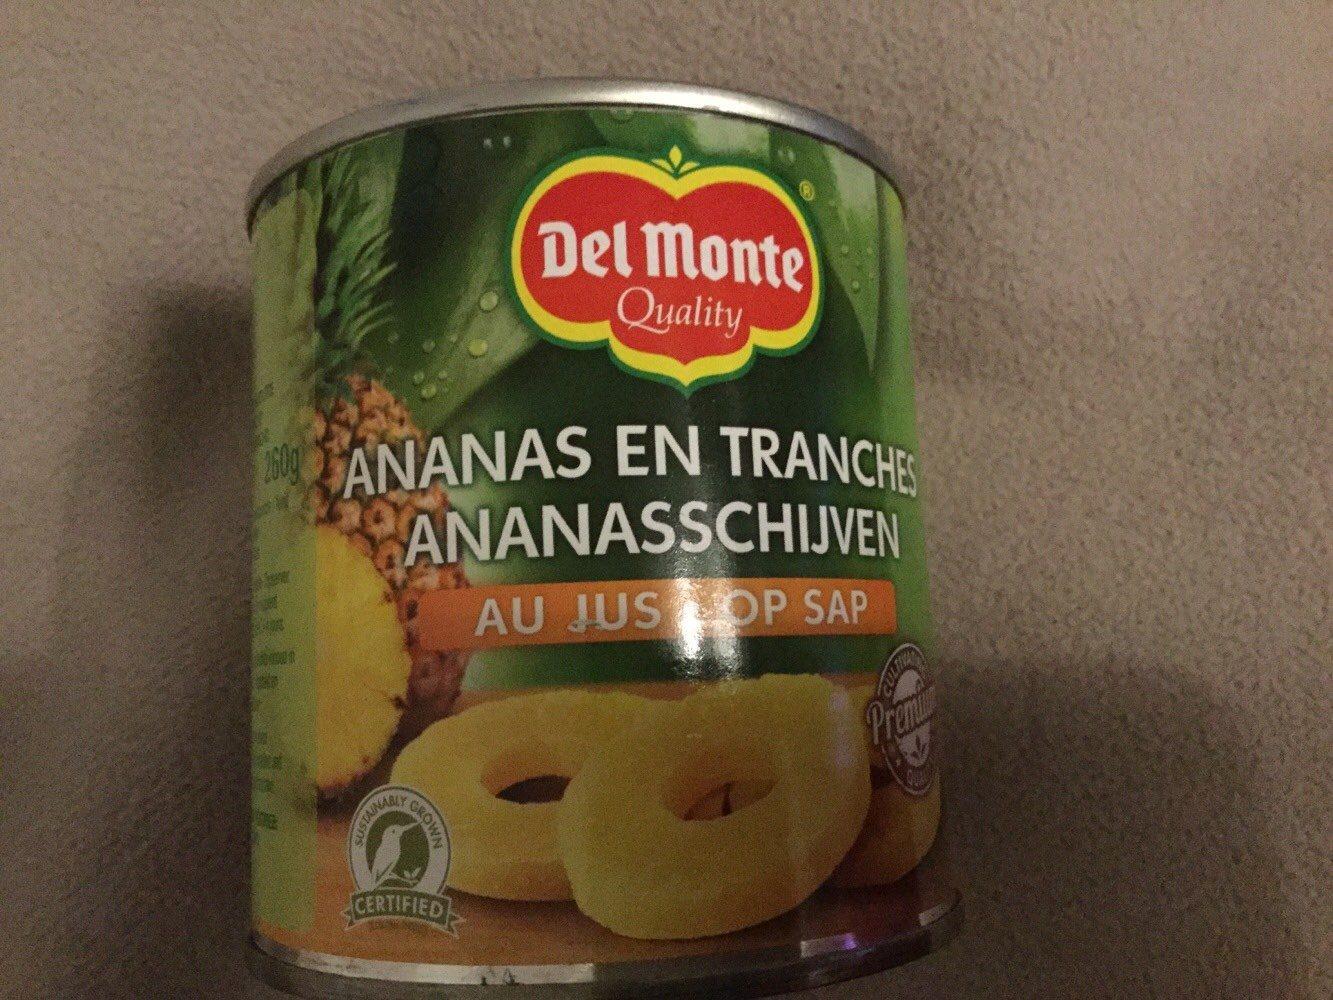 Ananas scheiben - Product